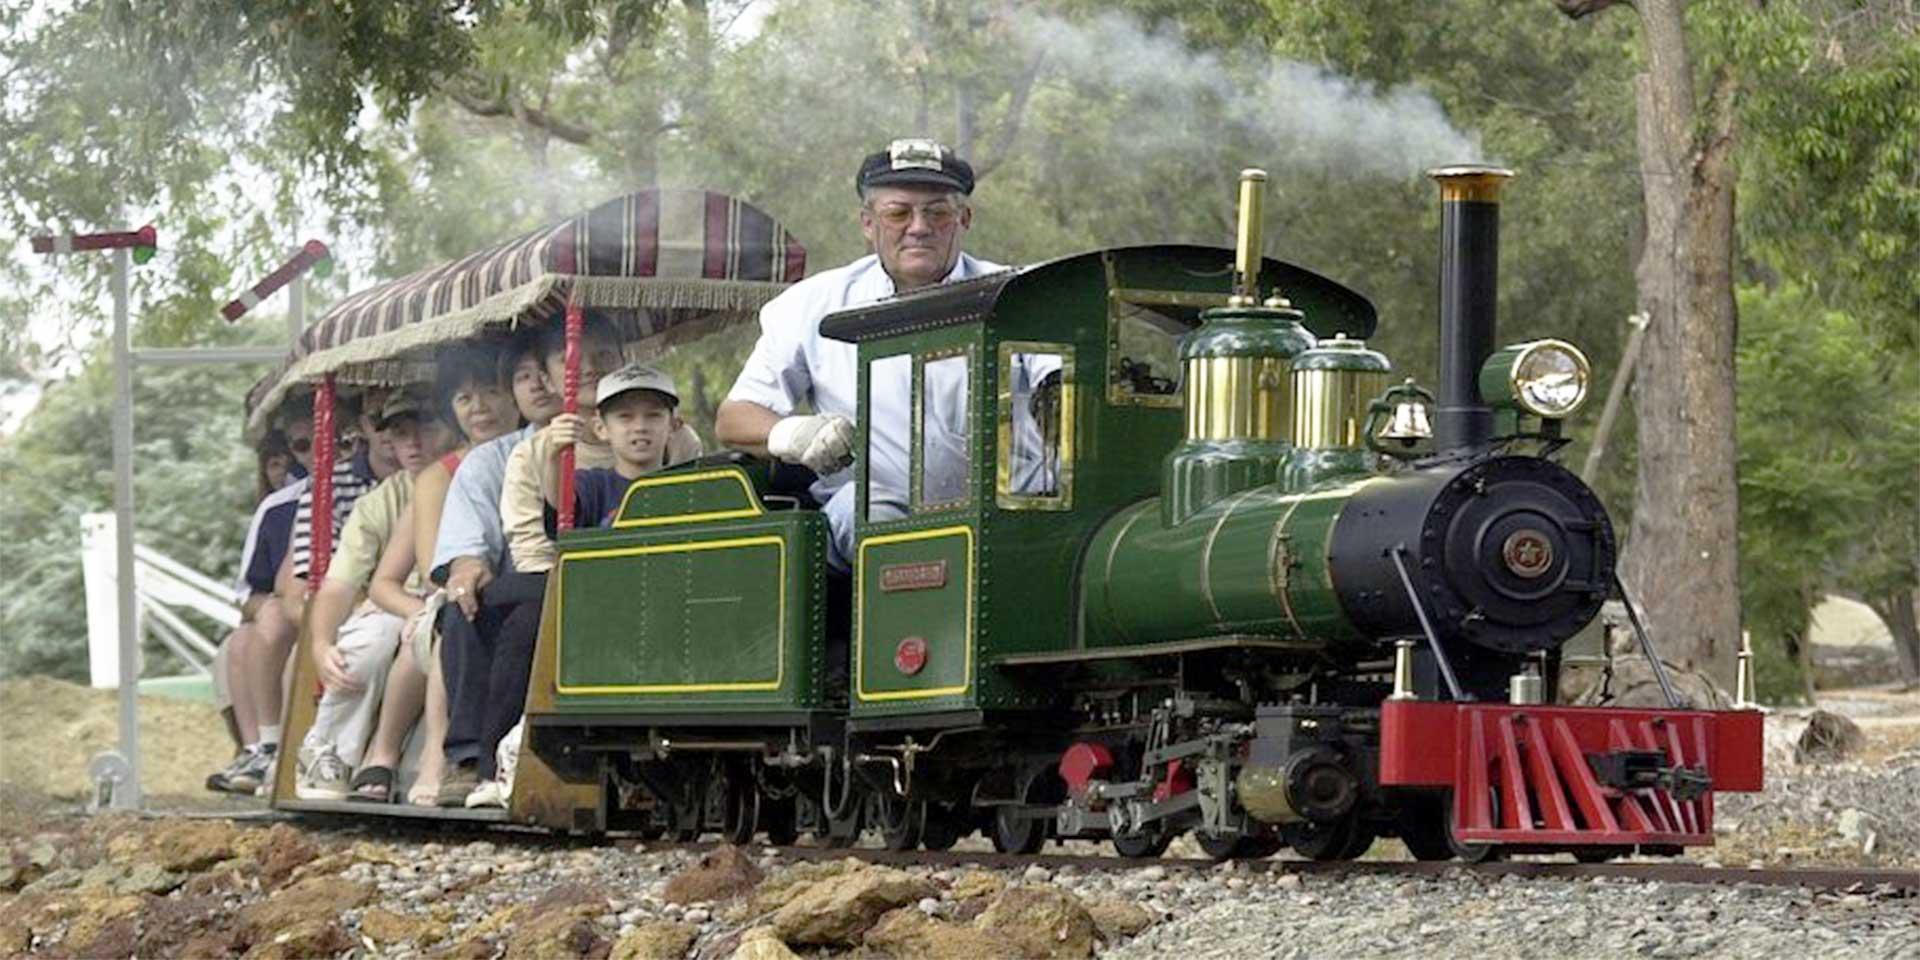 Cohunu Koala Park Miniature Railway